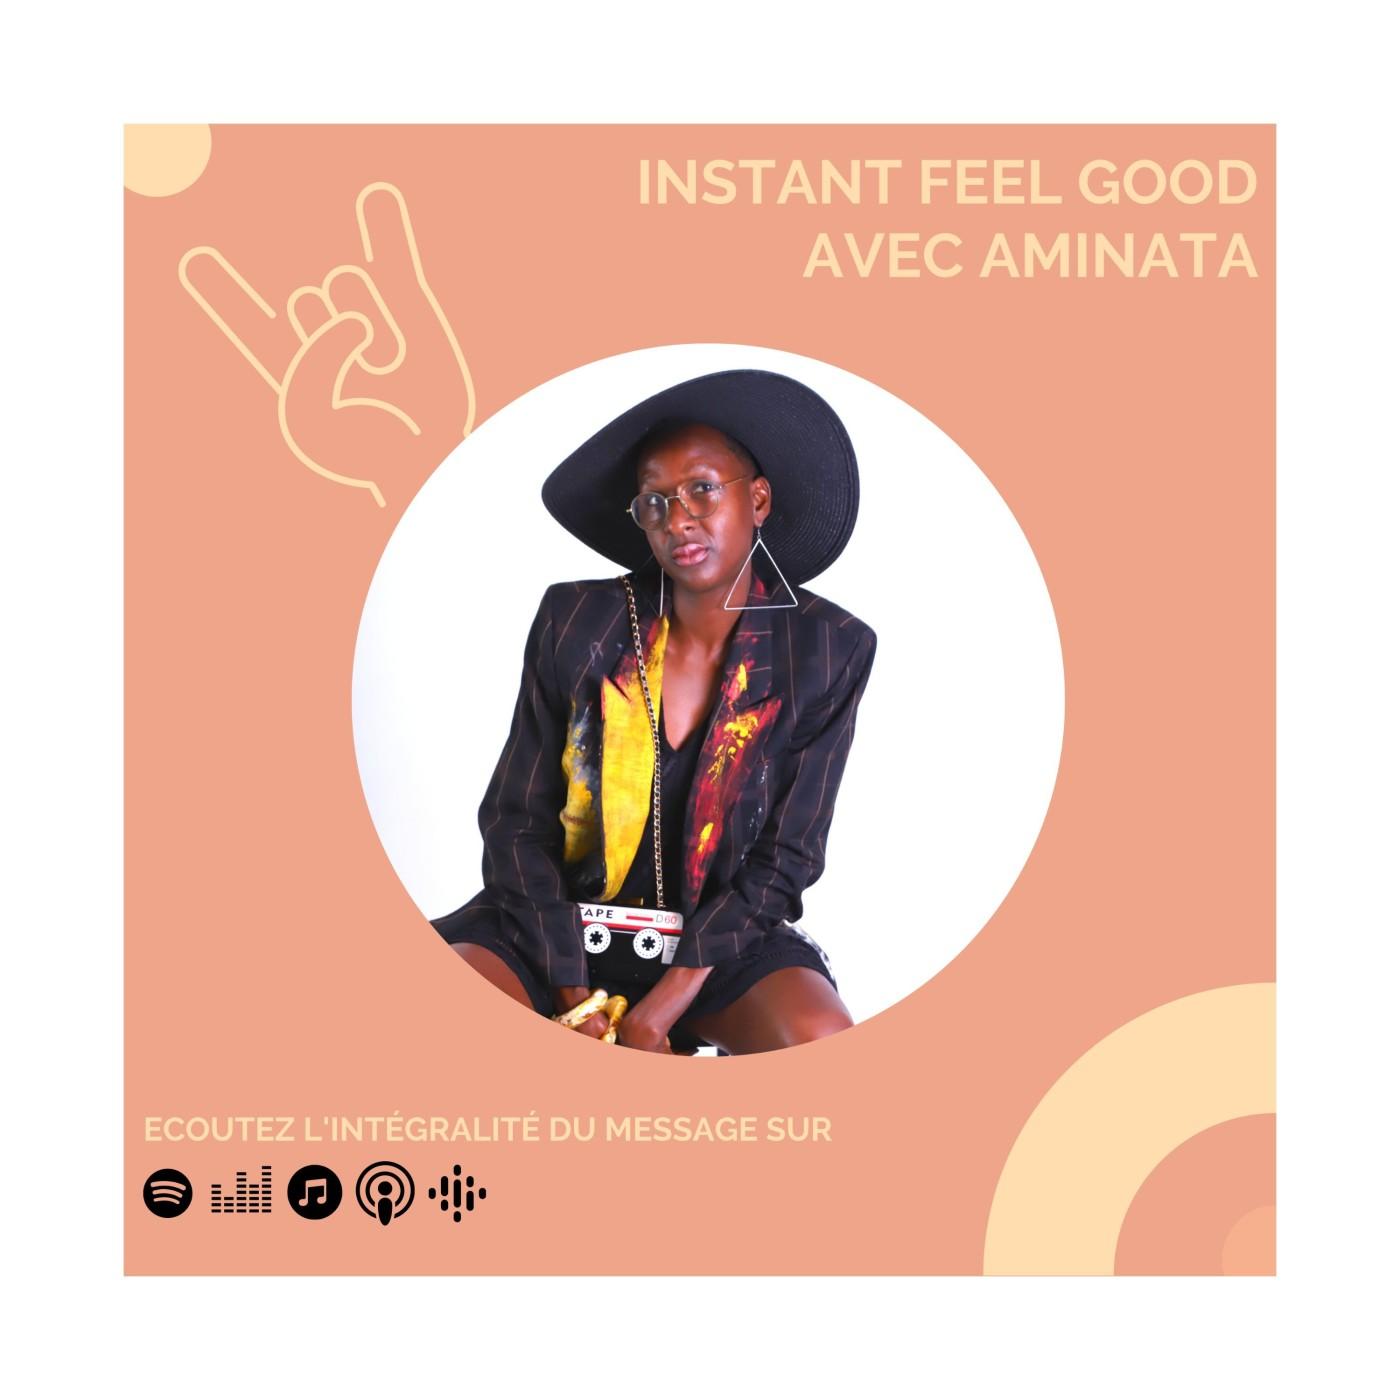 BONUS : Instant Feel Good avec Aminata